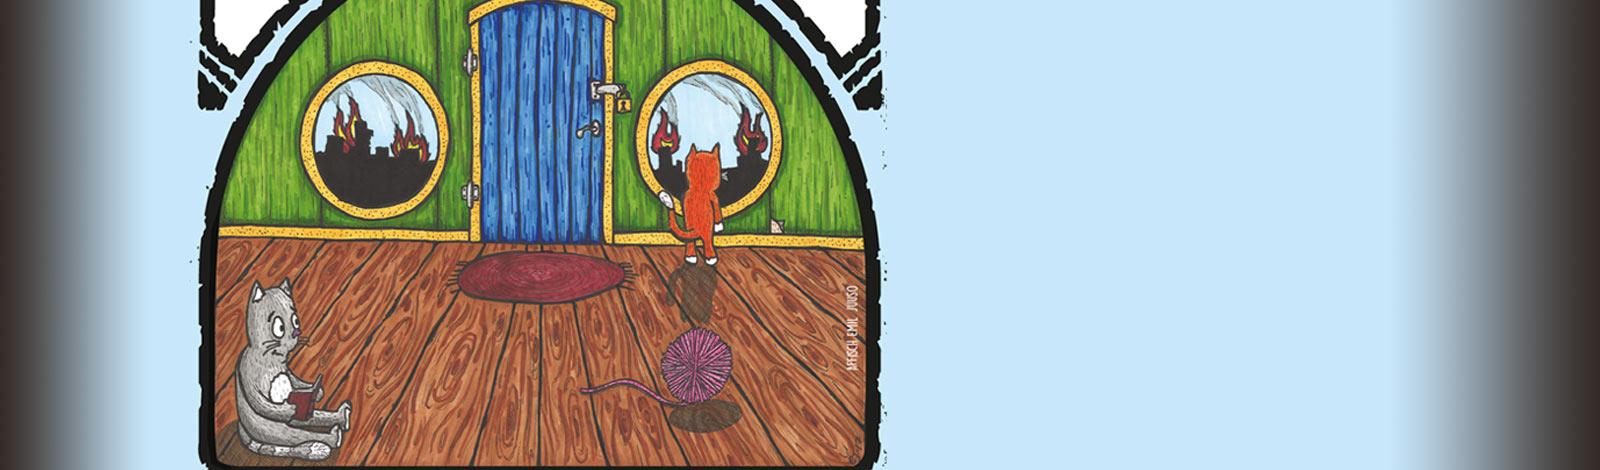 Illustration Gränskatten